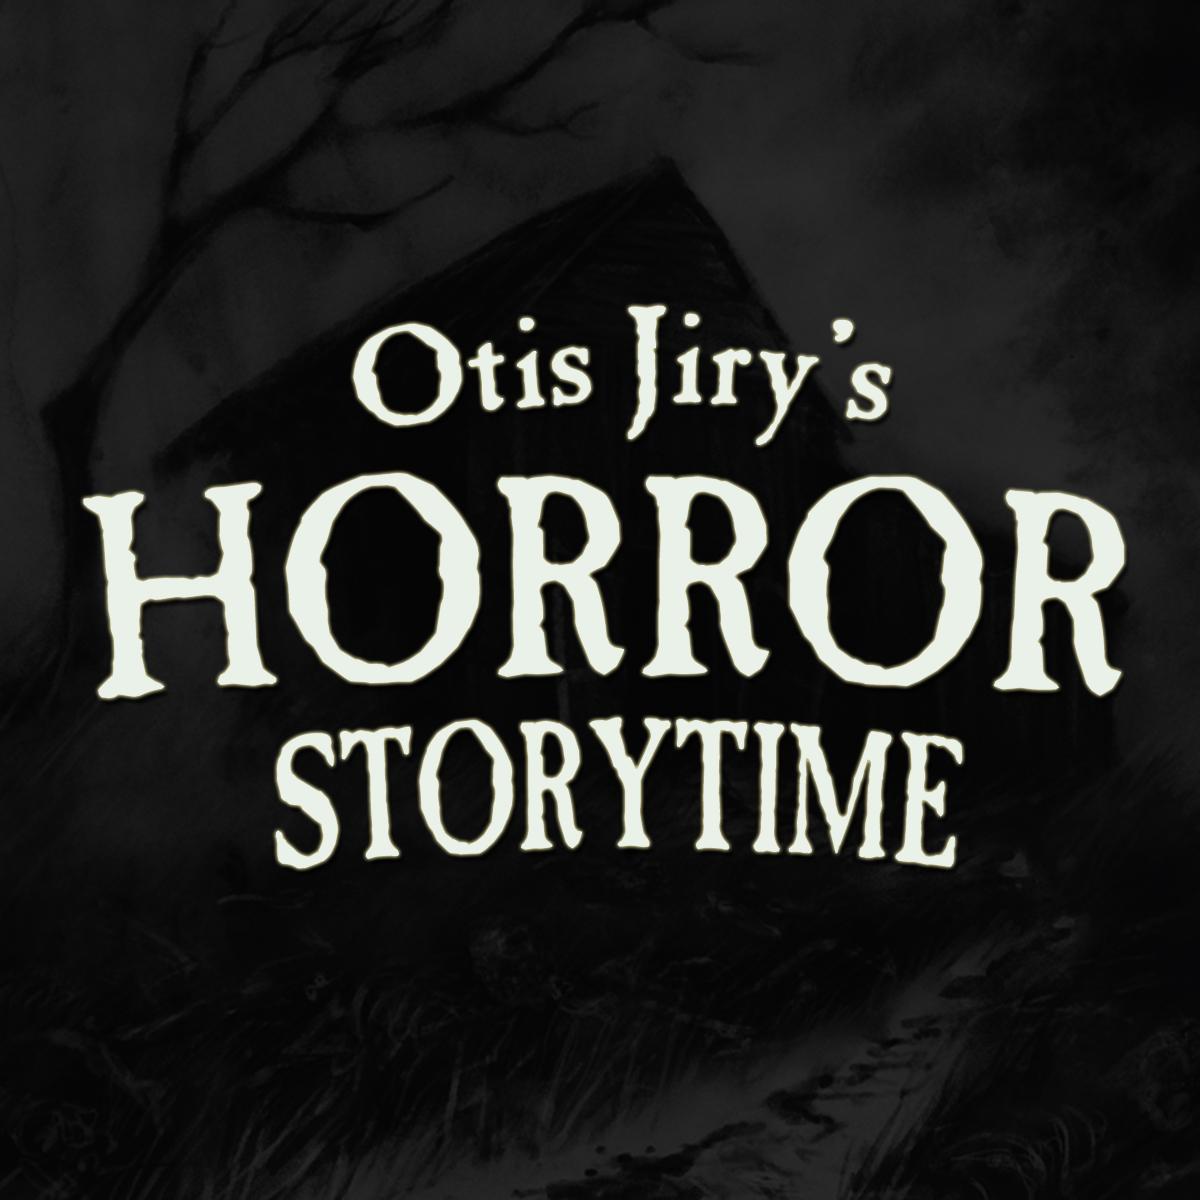 Otis Jiry's Horror Storytime